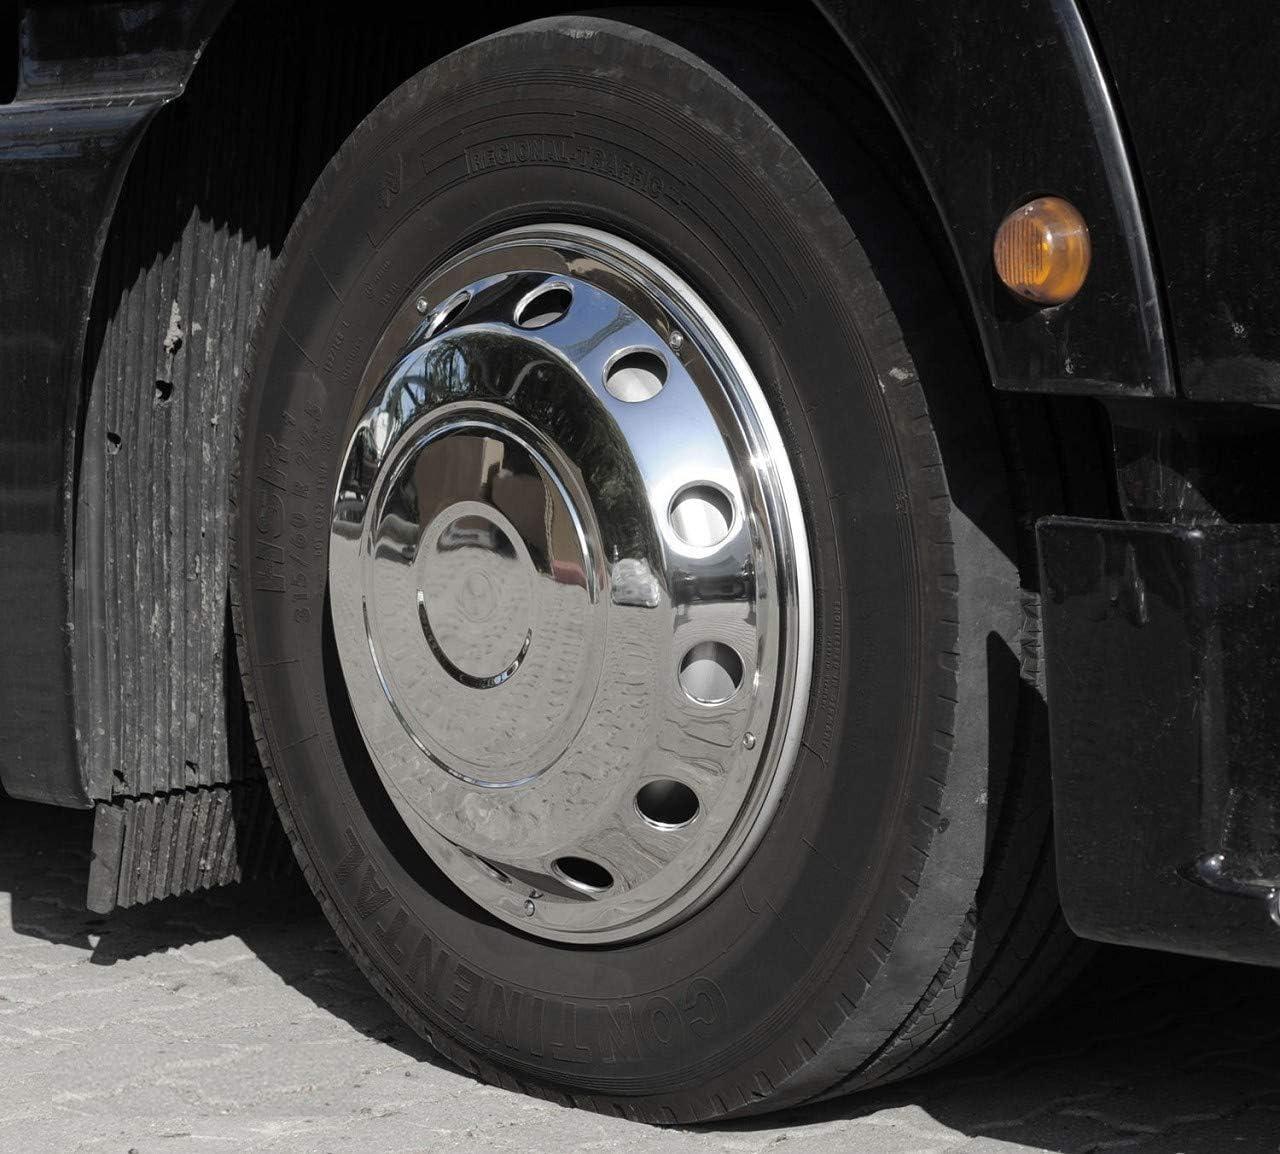 Camiones Tapacubos 22,5 Encorvada Acero Inoxidable: Amazon.es ...